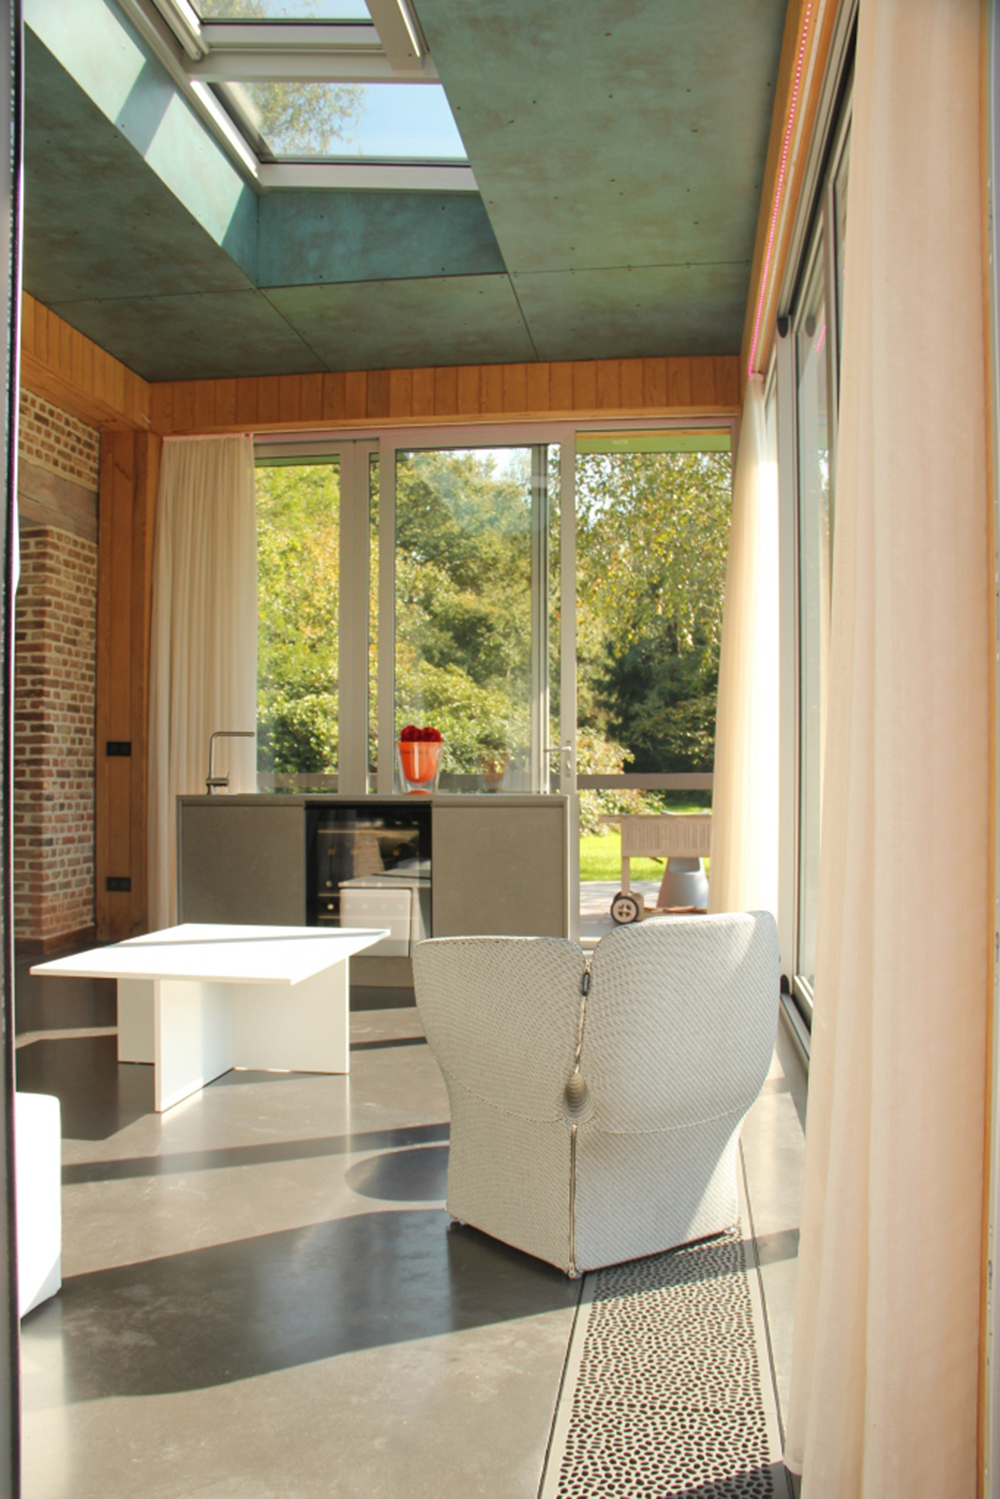 Landhuis wintertuin keuken put interieur for Keuken landhuis